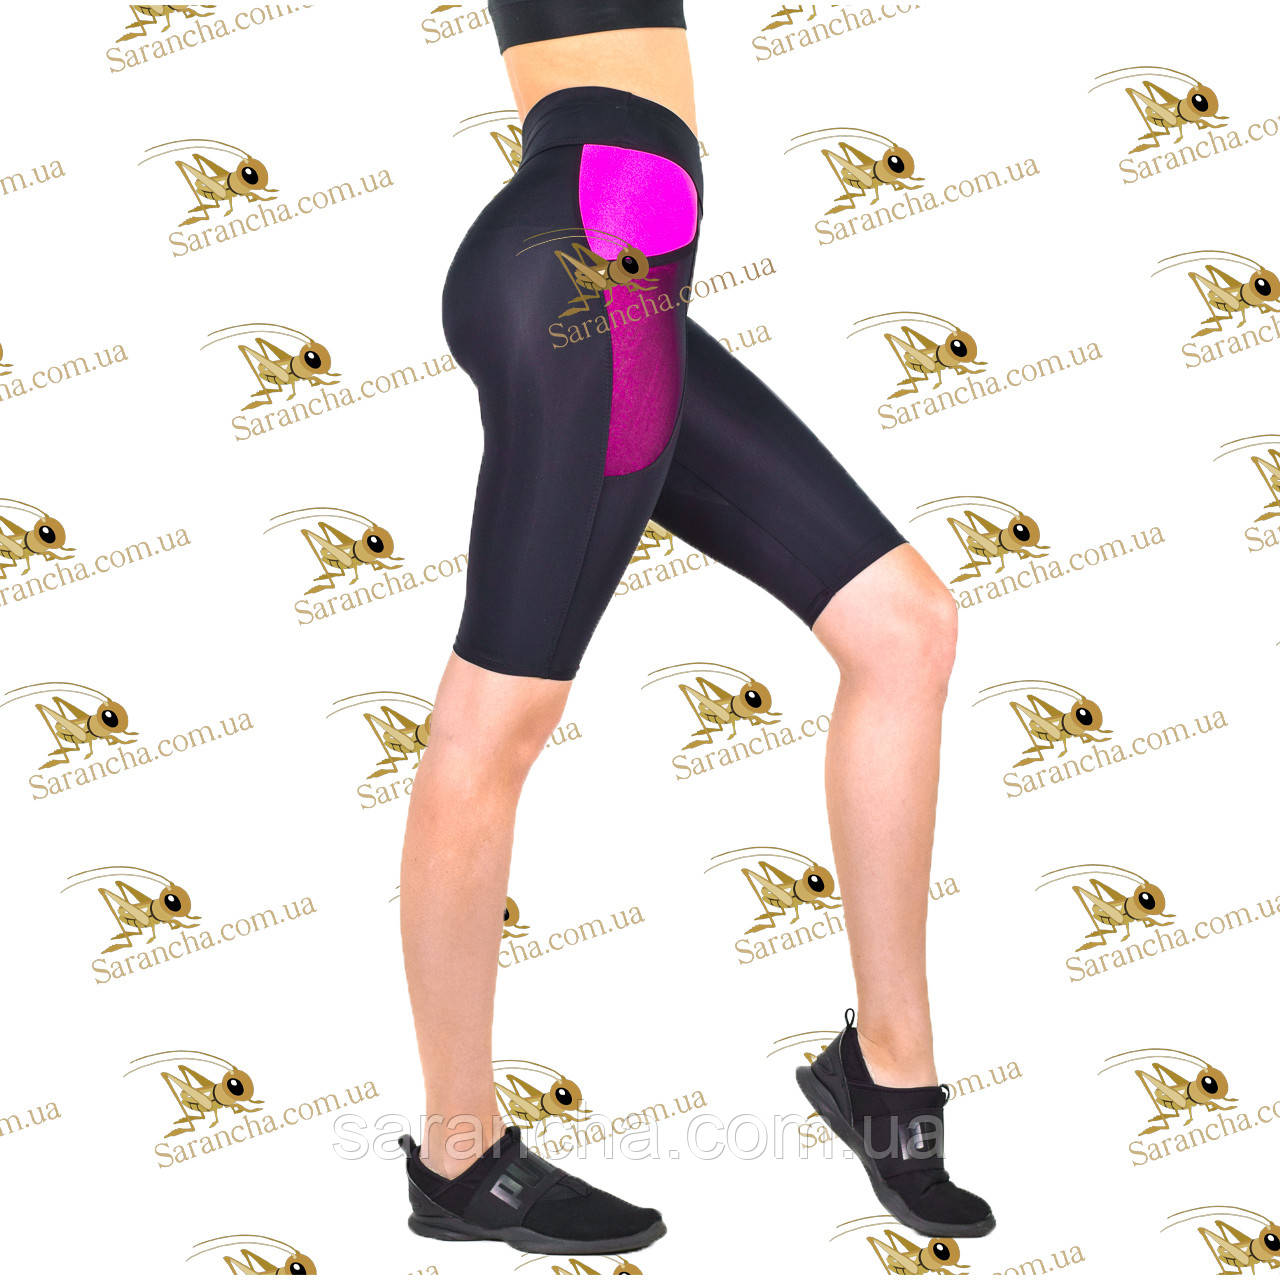 Женские спортивные велосипедки бриджи с карманами черные со вставками фуксия